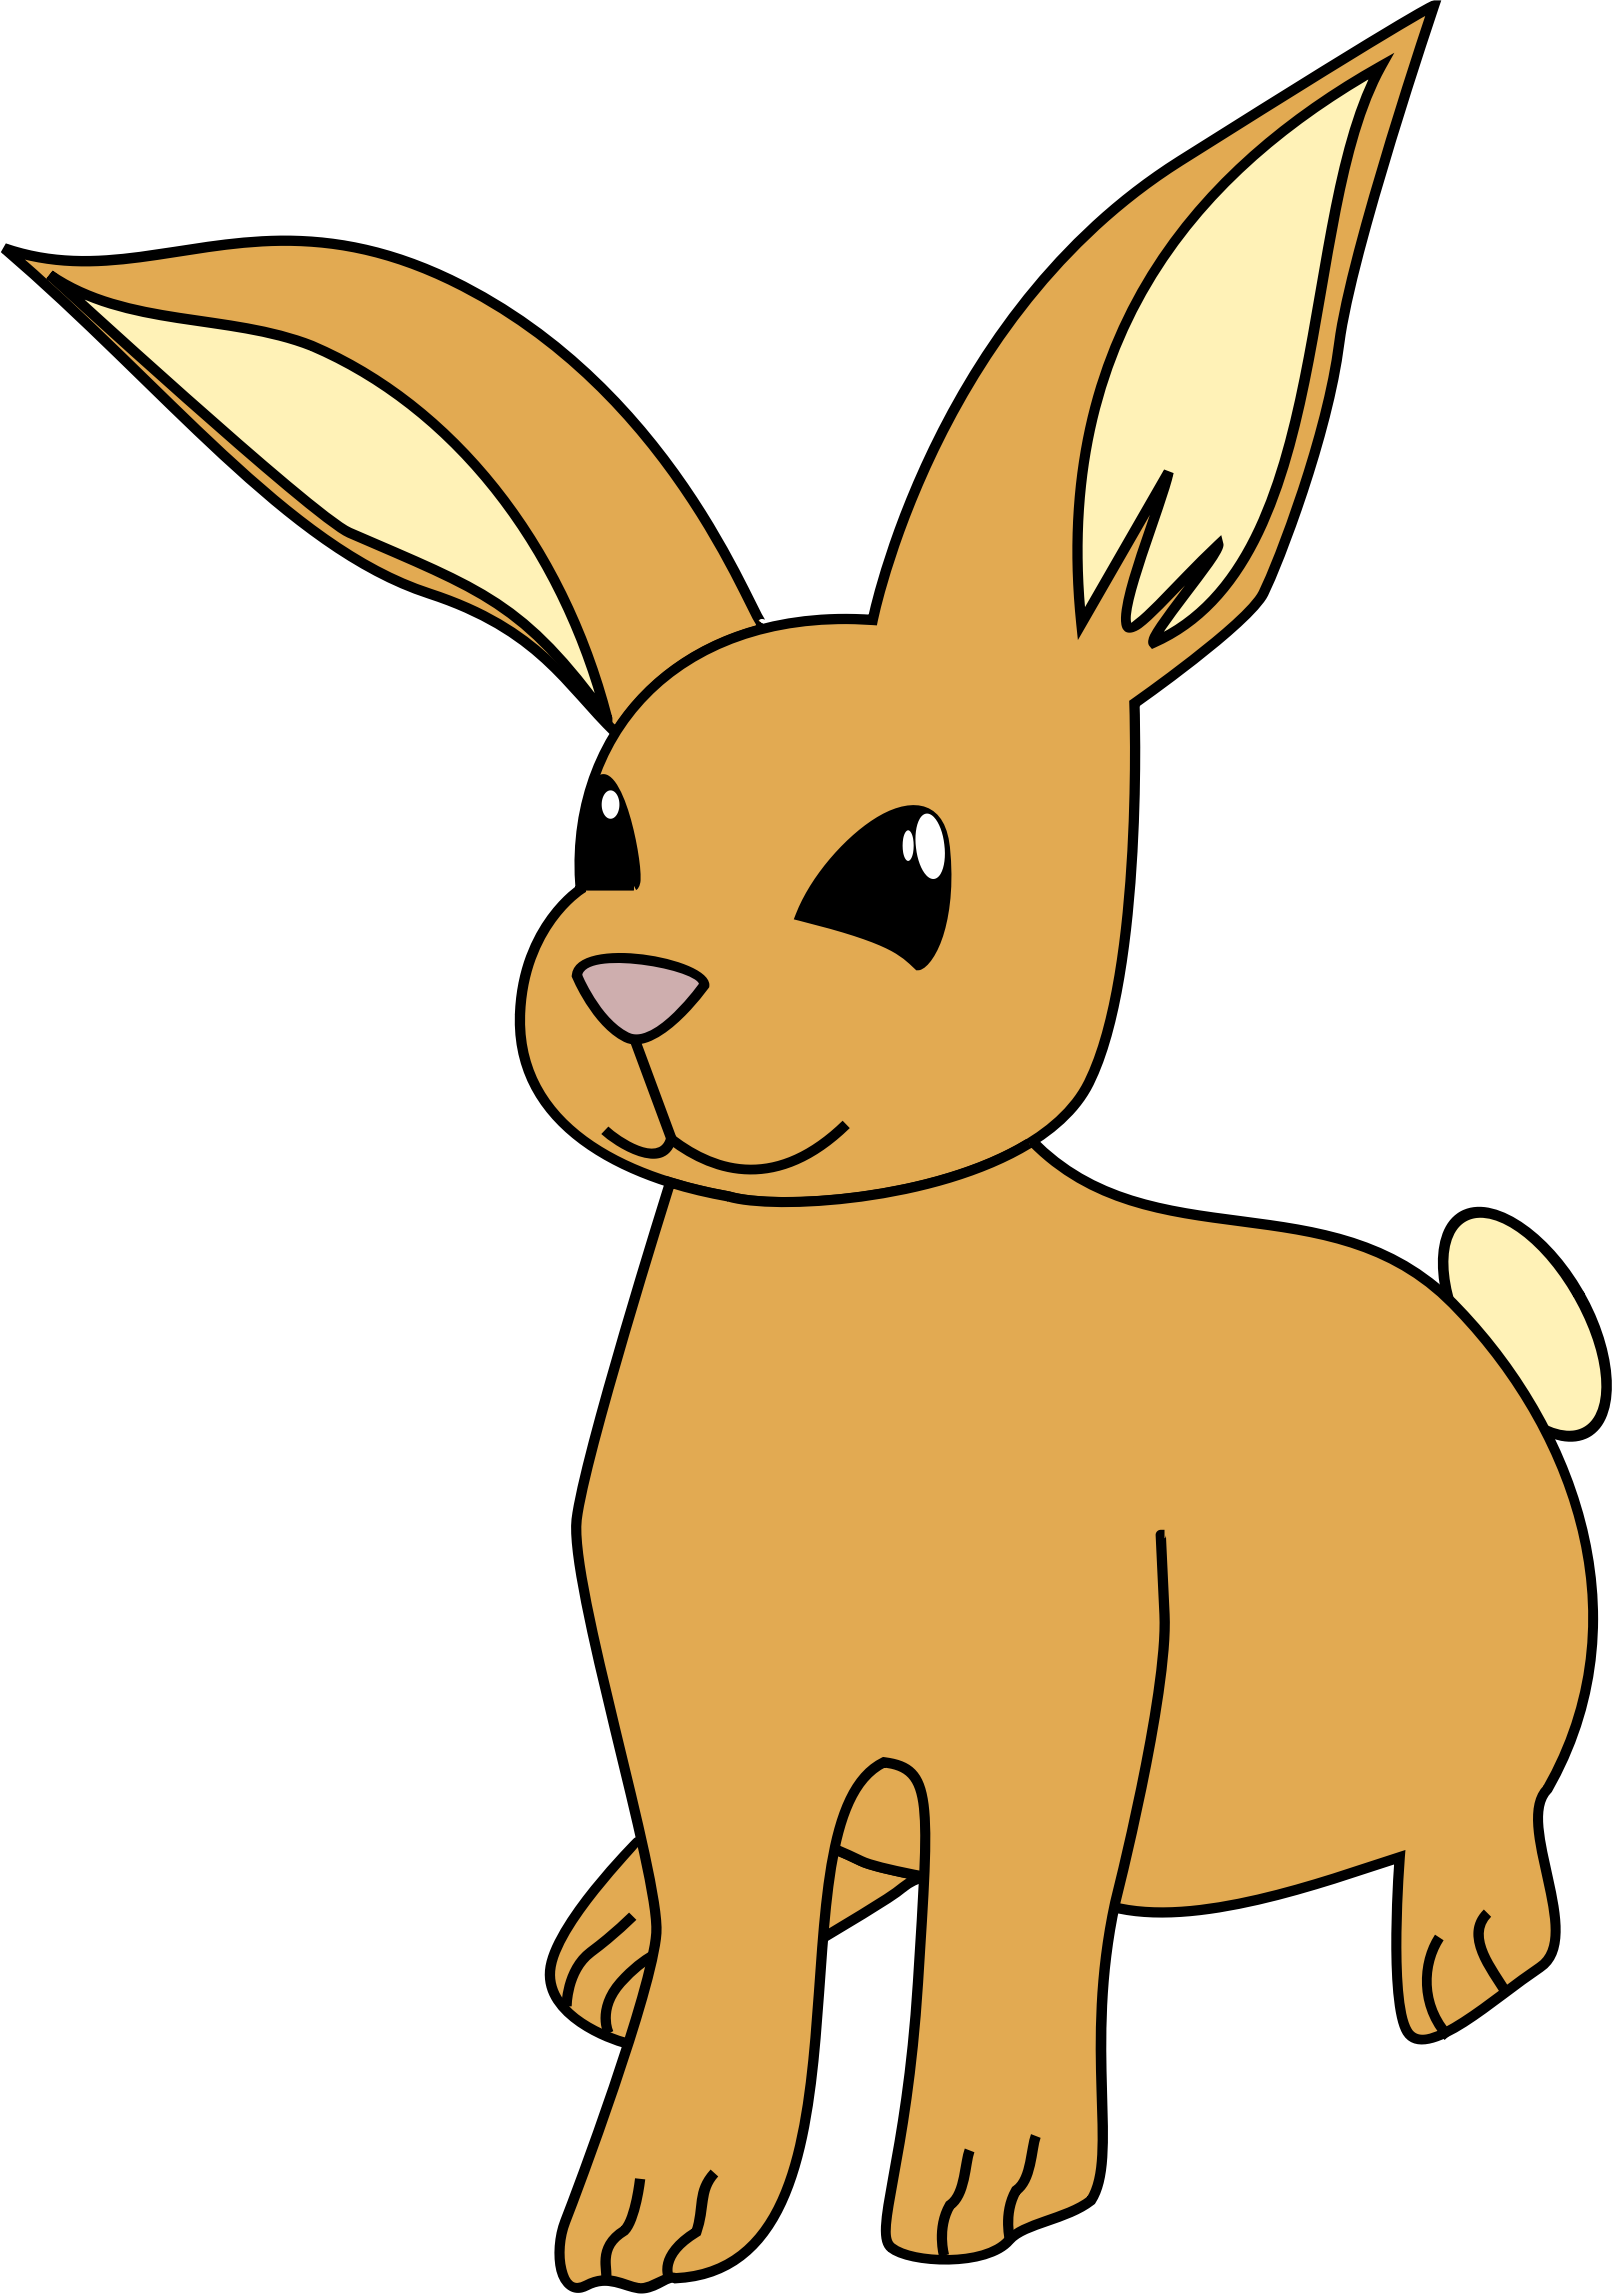 Clipart Bunny Gluckliche Tiere Karikaturen Zeichnen Cartoon Menschen Zeichnen